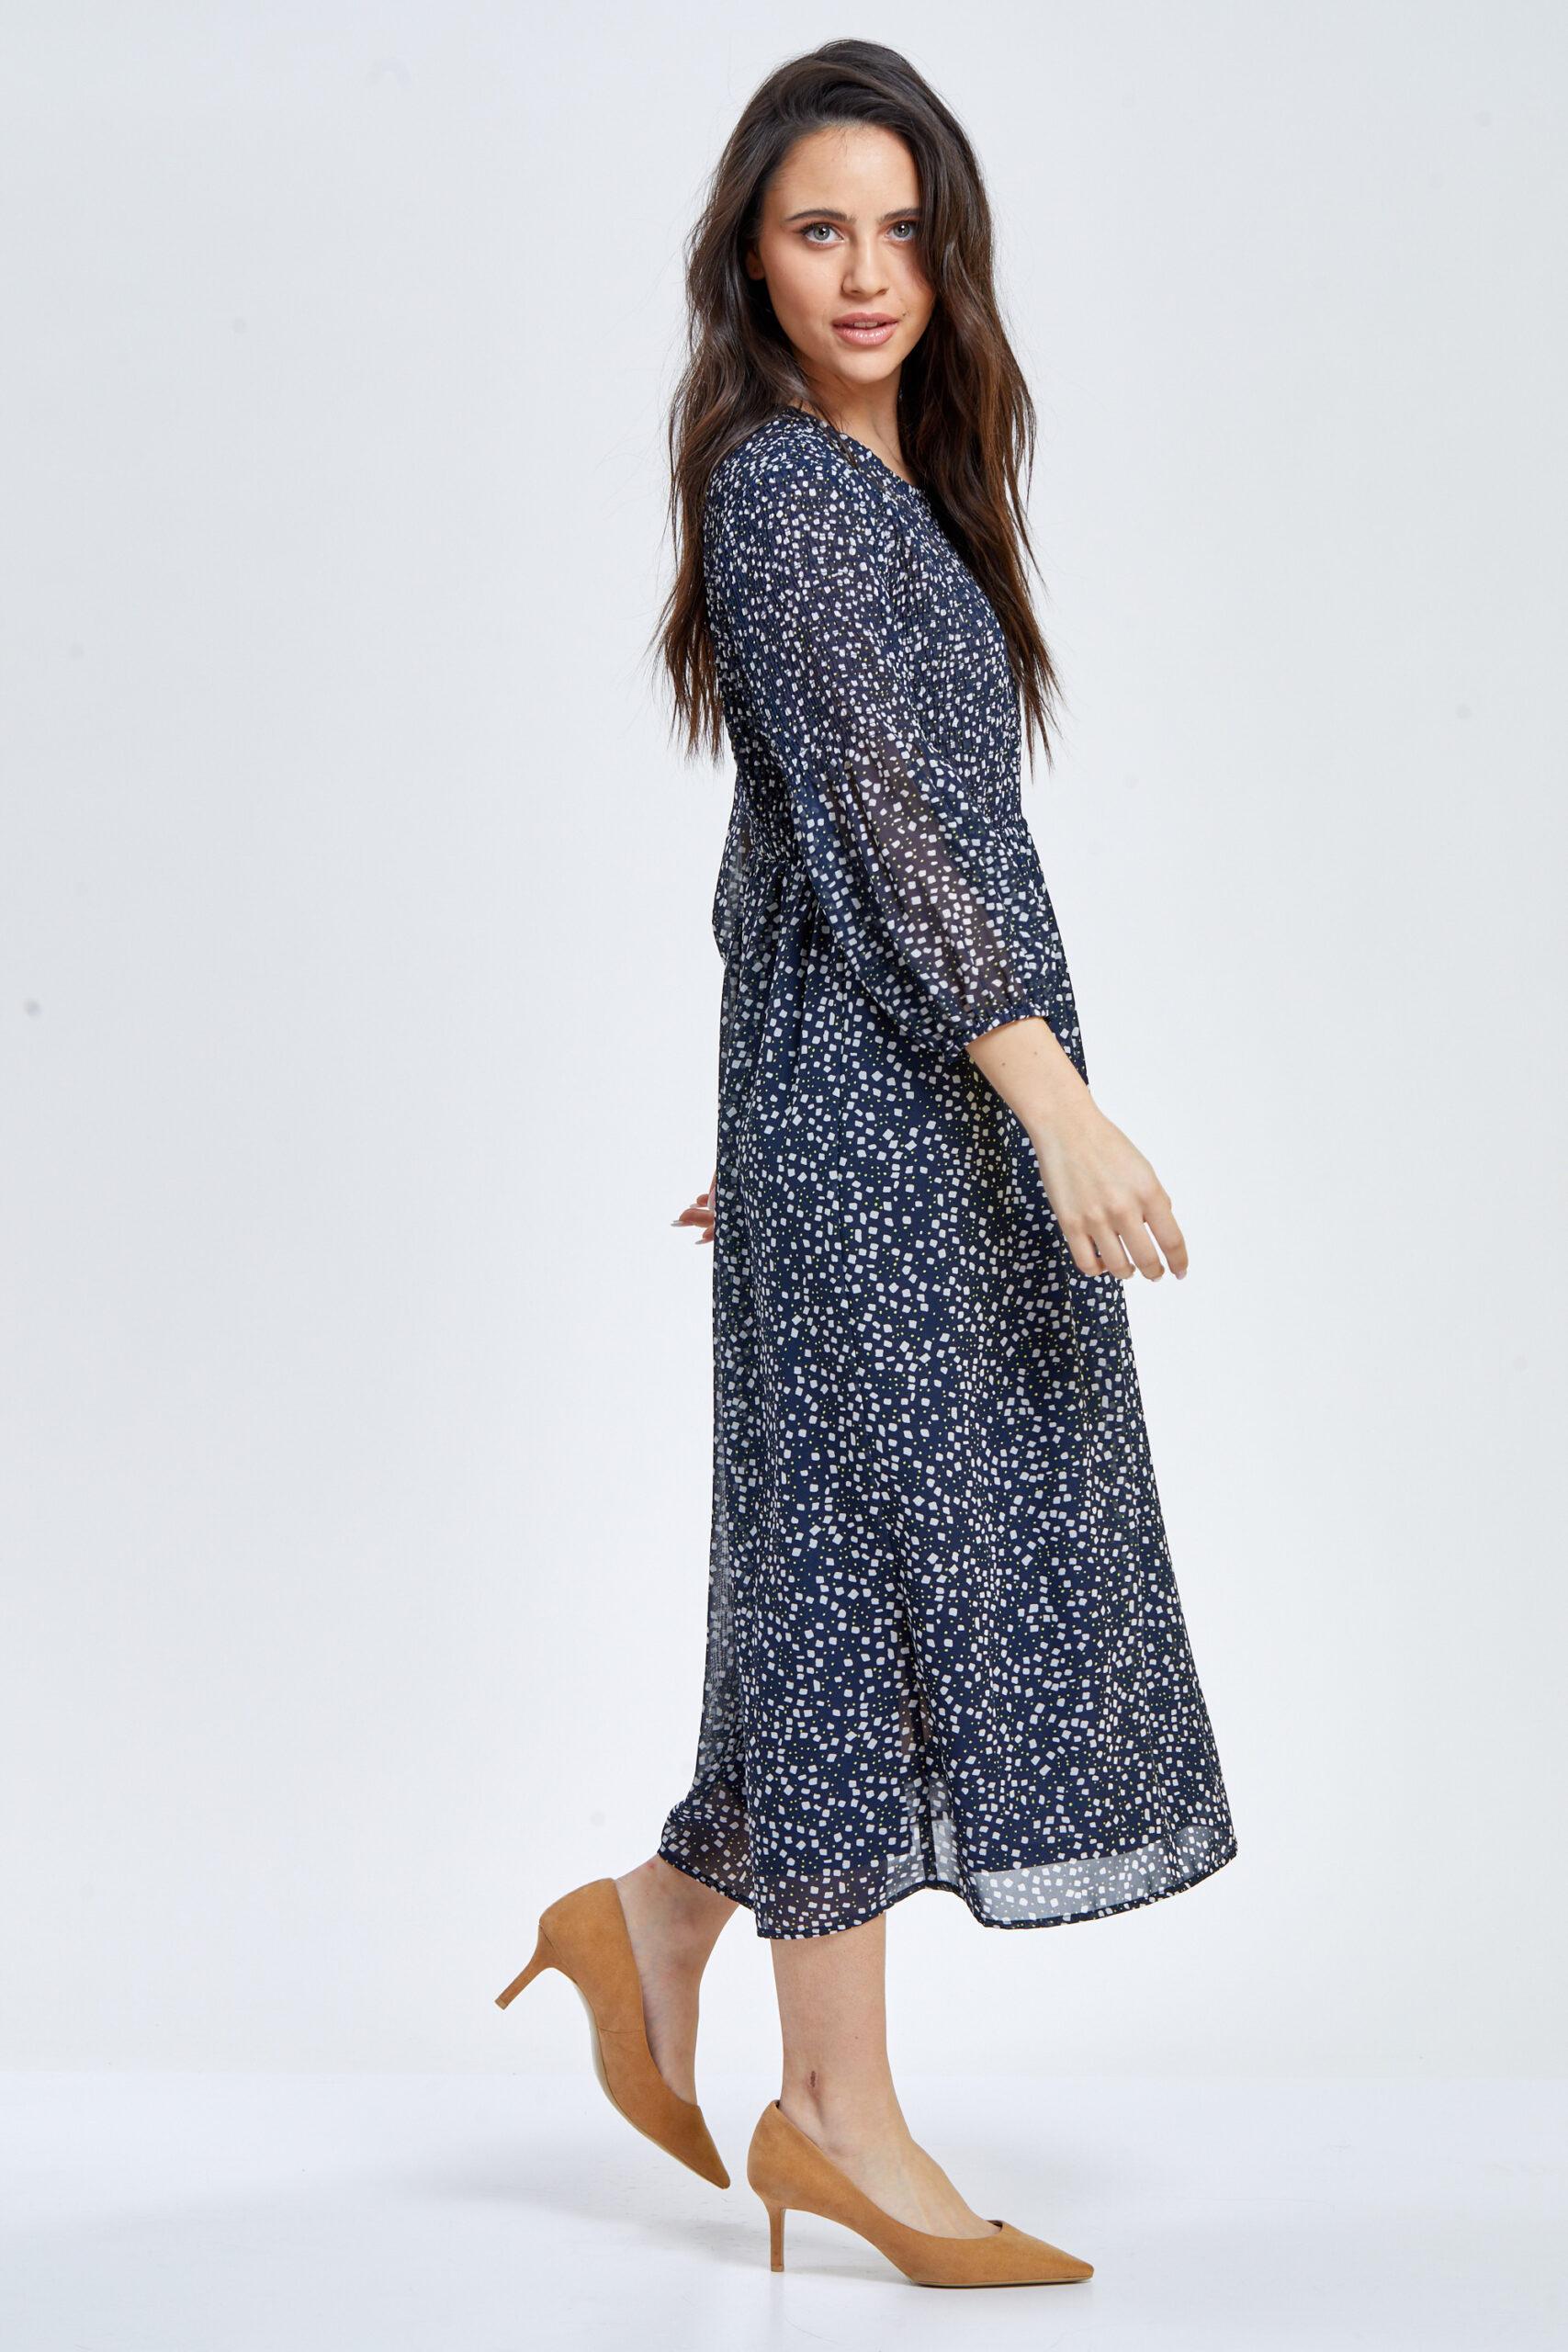 שמלת שיפון דפוס ריבועים ונקודות